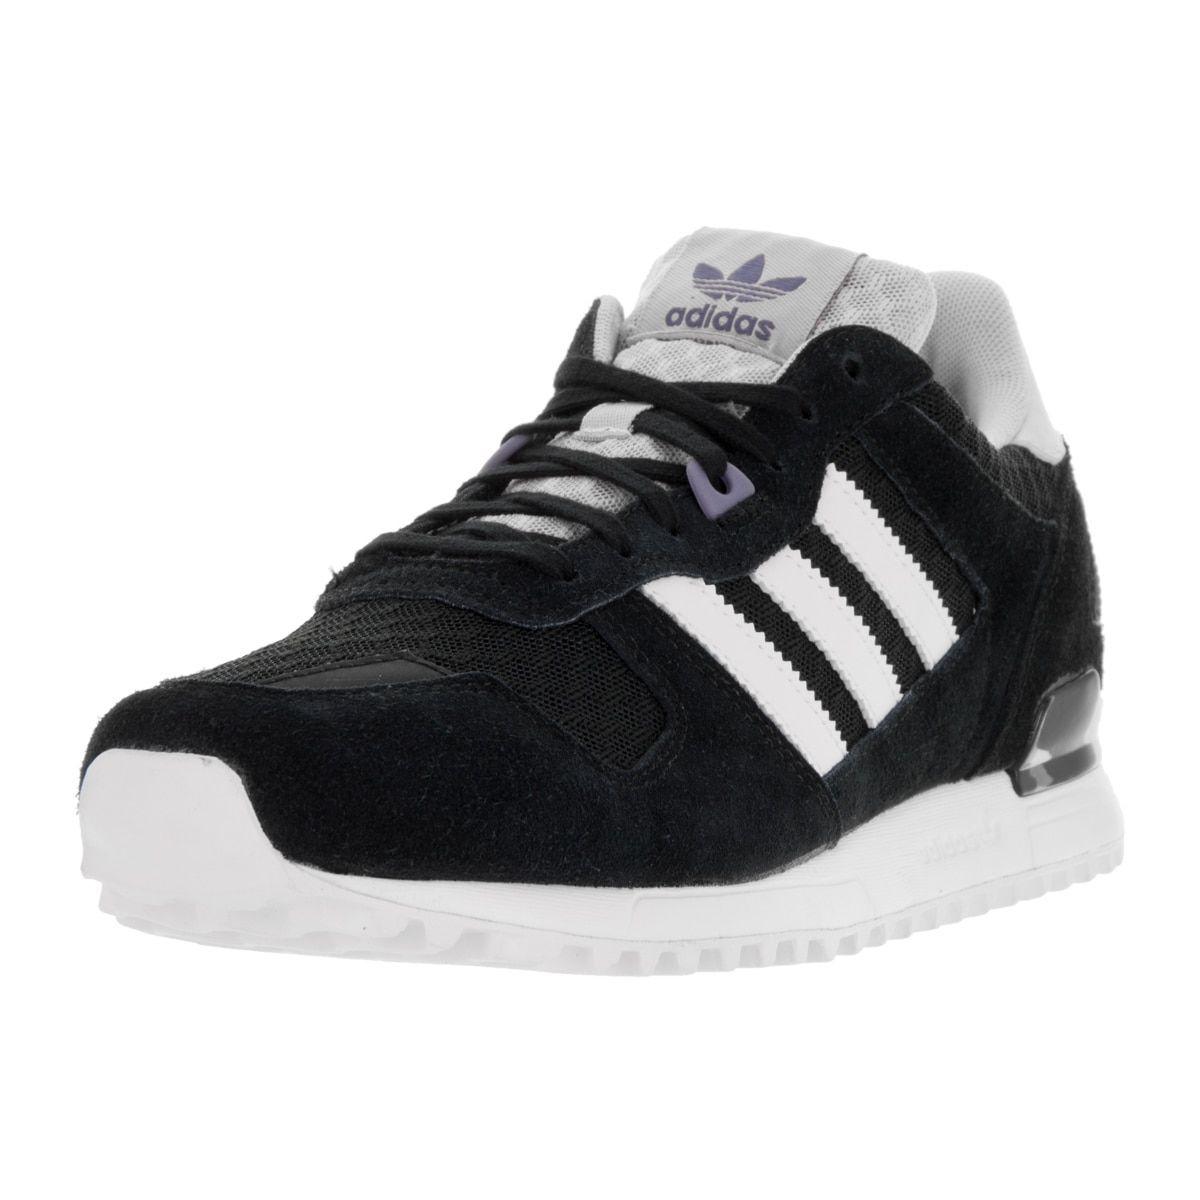 adidas donne zx 700 w originali in bianco e scarpe da corsa f o t